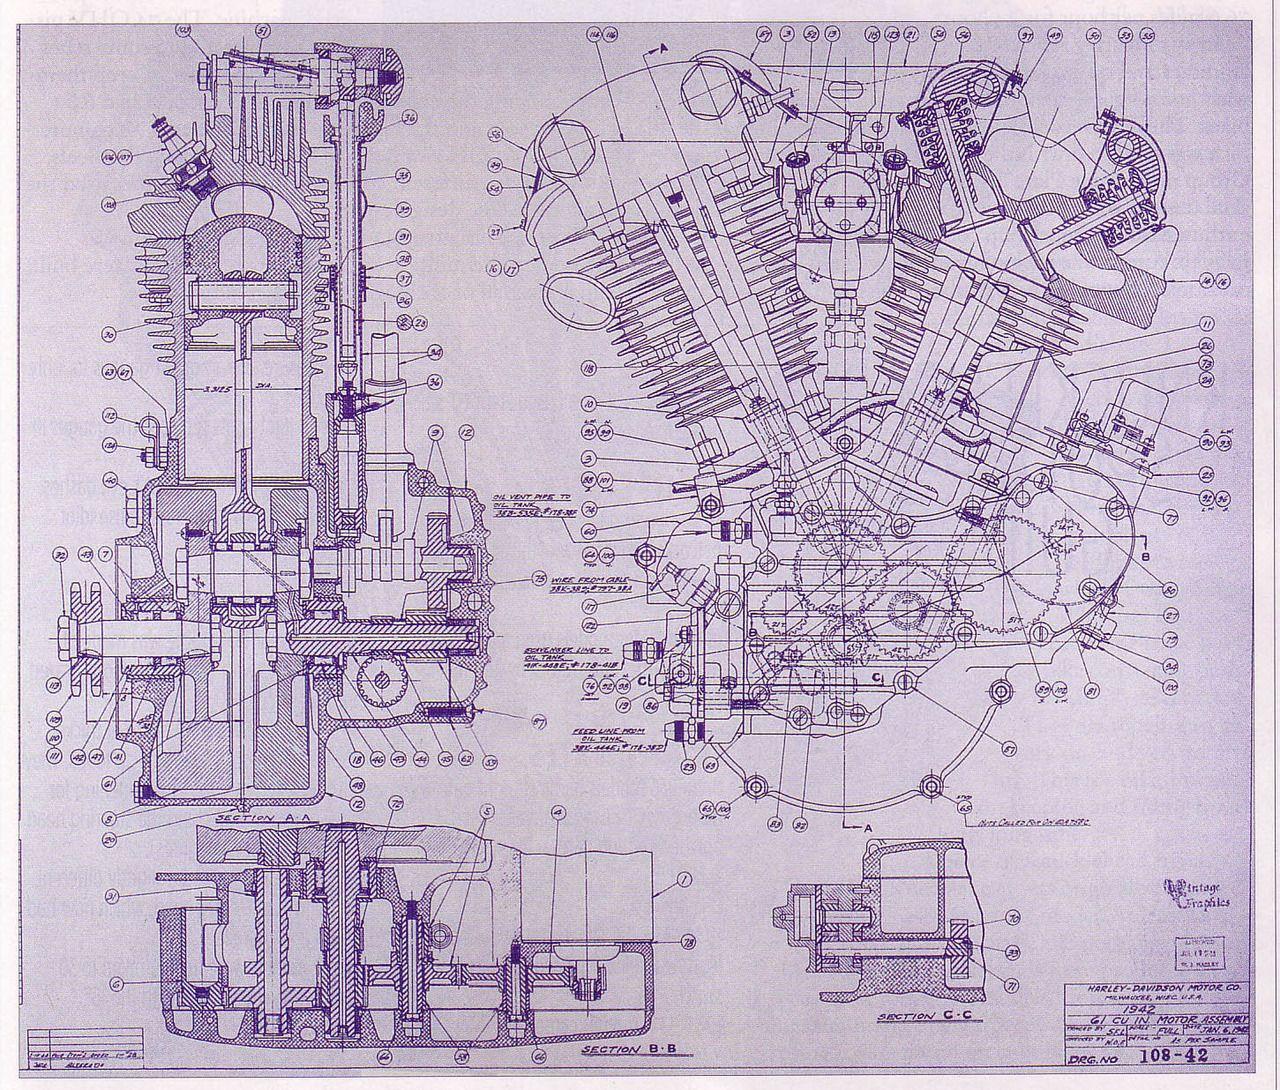 hight resolution of harley davidson motor assembly white motorcycle motorcycle racers motorcycle engine v engine